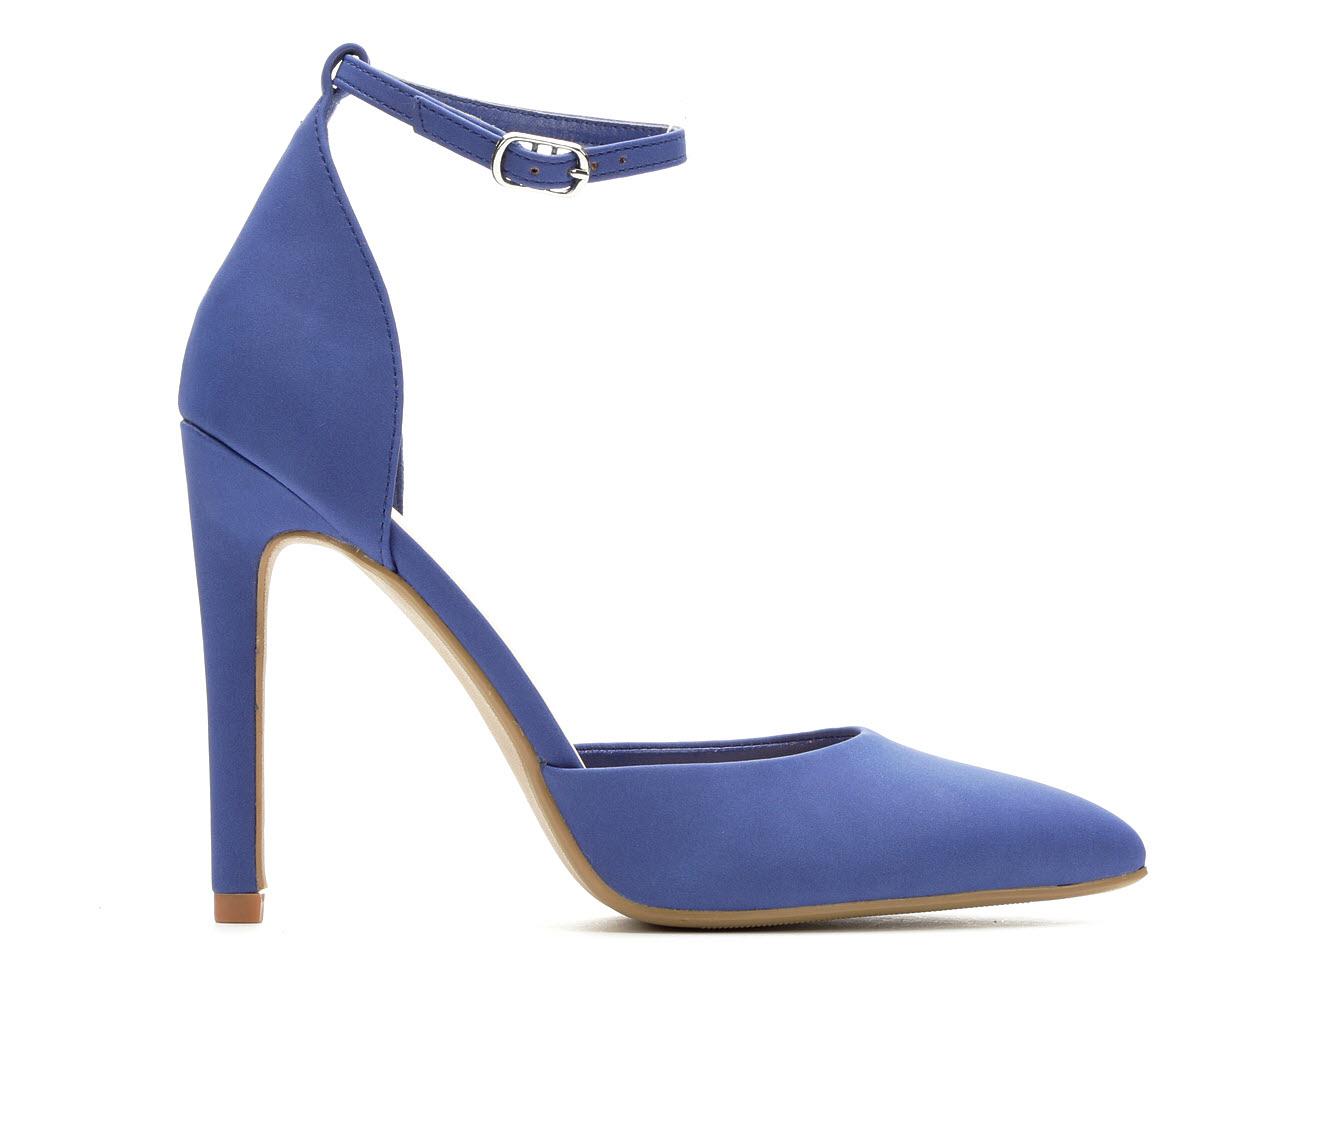 Delicious Unload Women's Dress Shoe (Blue Faux Leather)